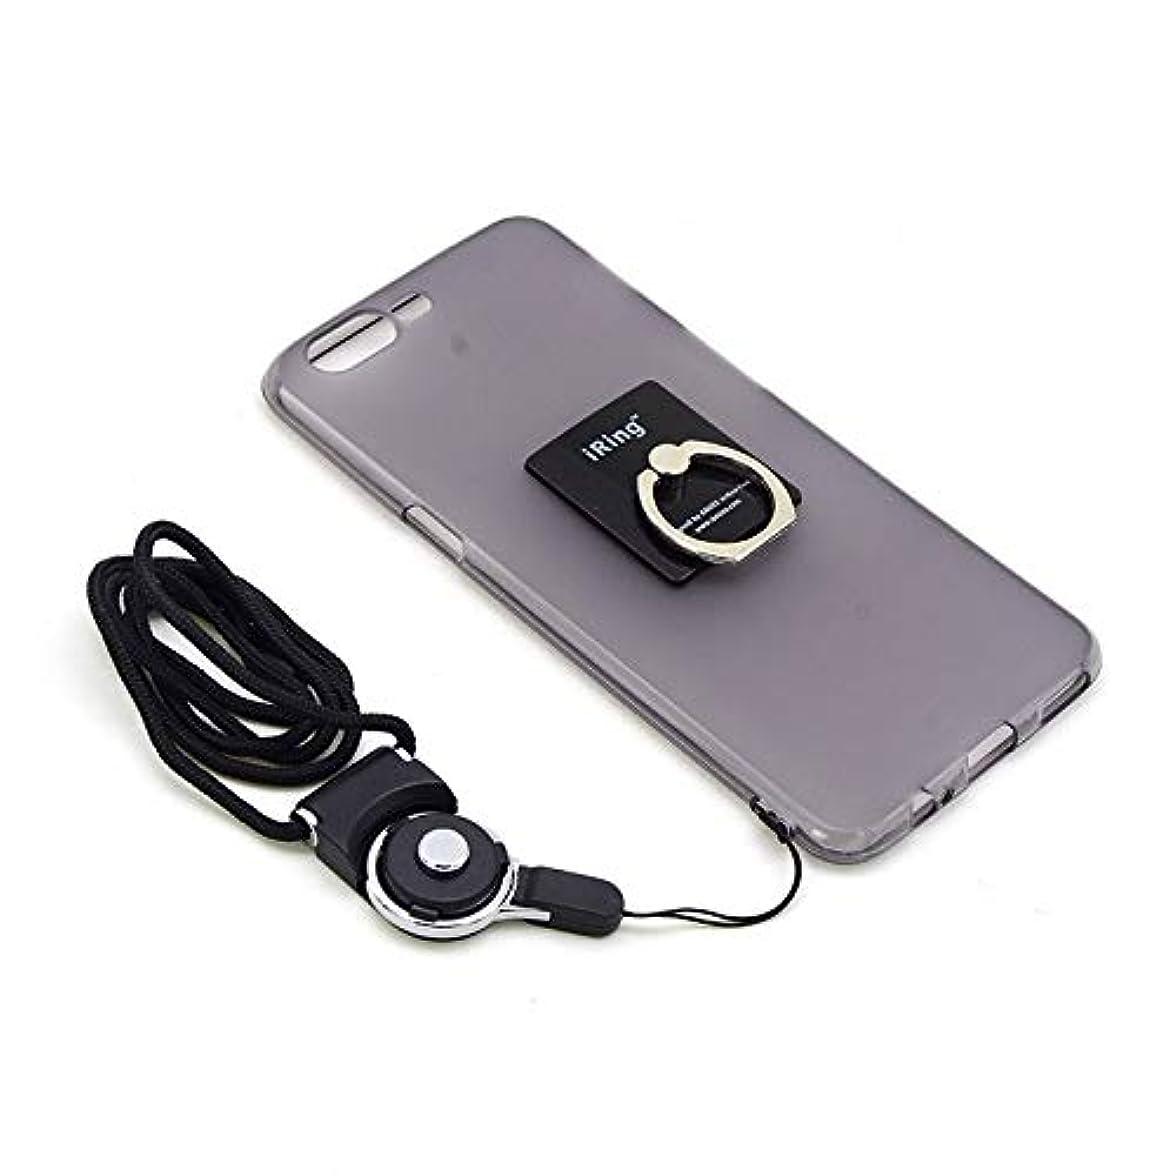 高尚な緩む排除するJicorzo - Oneplusファイブメタルキーチェーンフィンガーリングホルダーのための新しい携帯電話ケースONE PLUS 5 1プラス3T TPUケースについてネックストラップスタンド